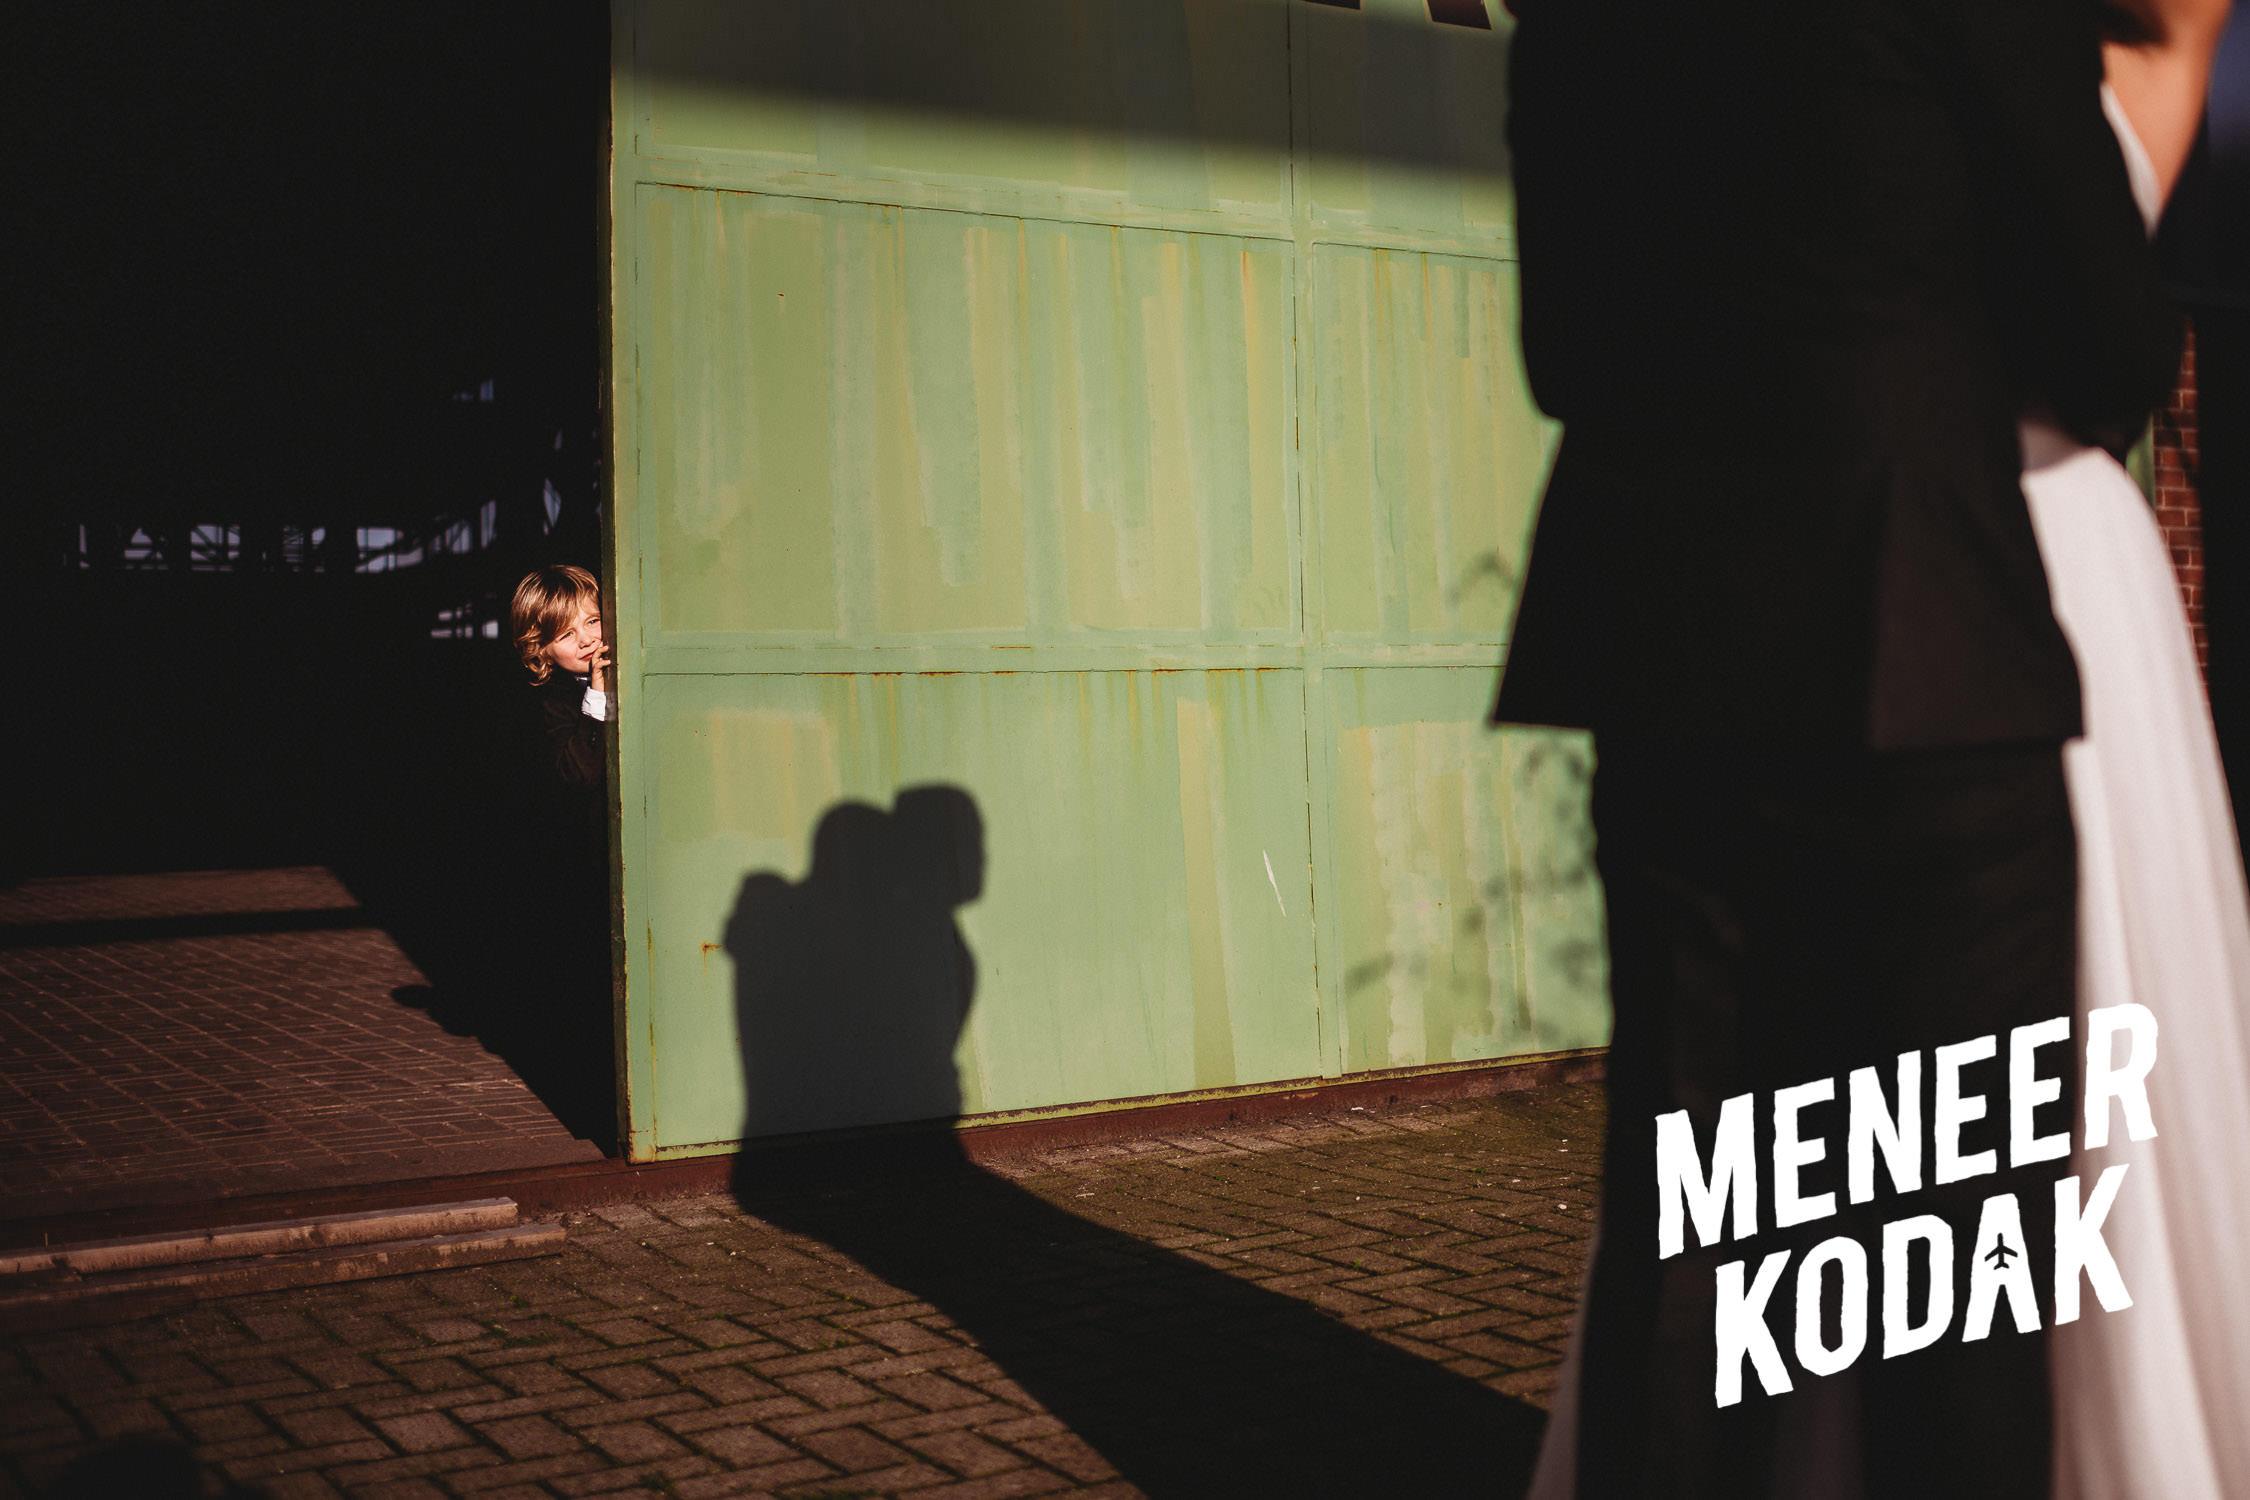 Meneer Kodak - Bruidsfotograaf - Breda - S&R-079.jpg